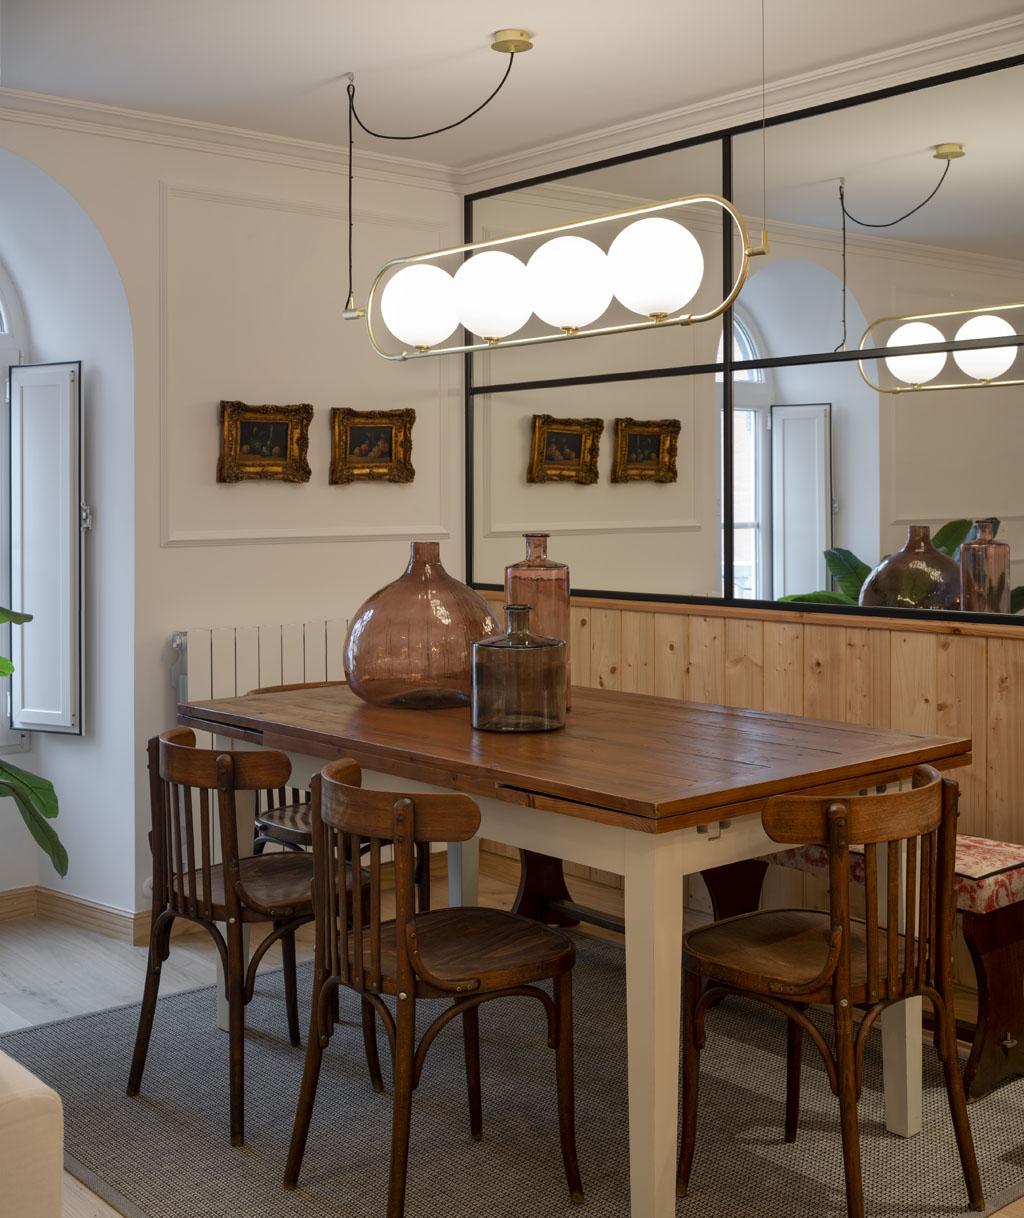 VIV._WEB_021-Erlantz Biderbost fotografo de arquitectura e interiores